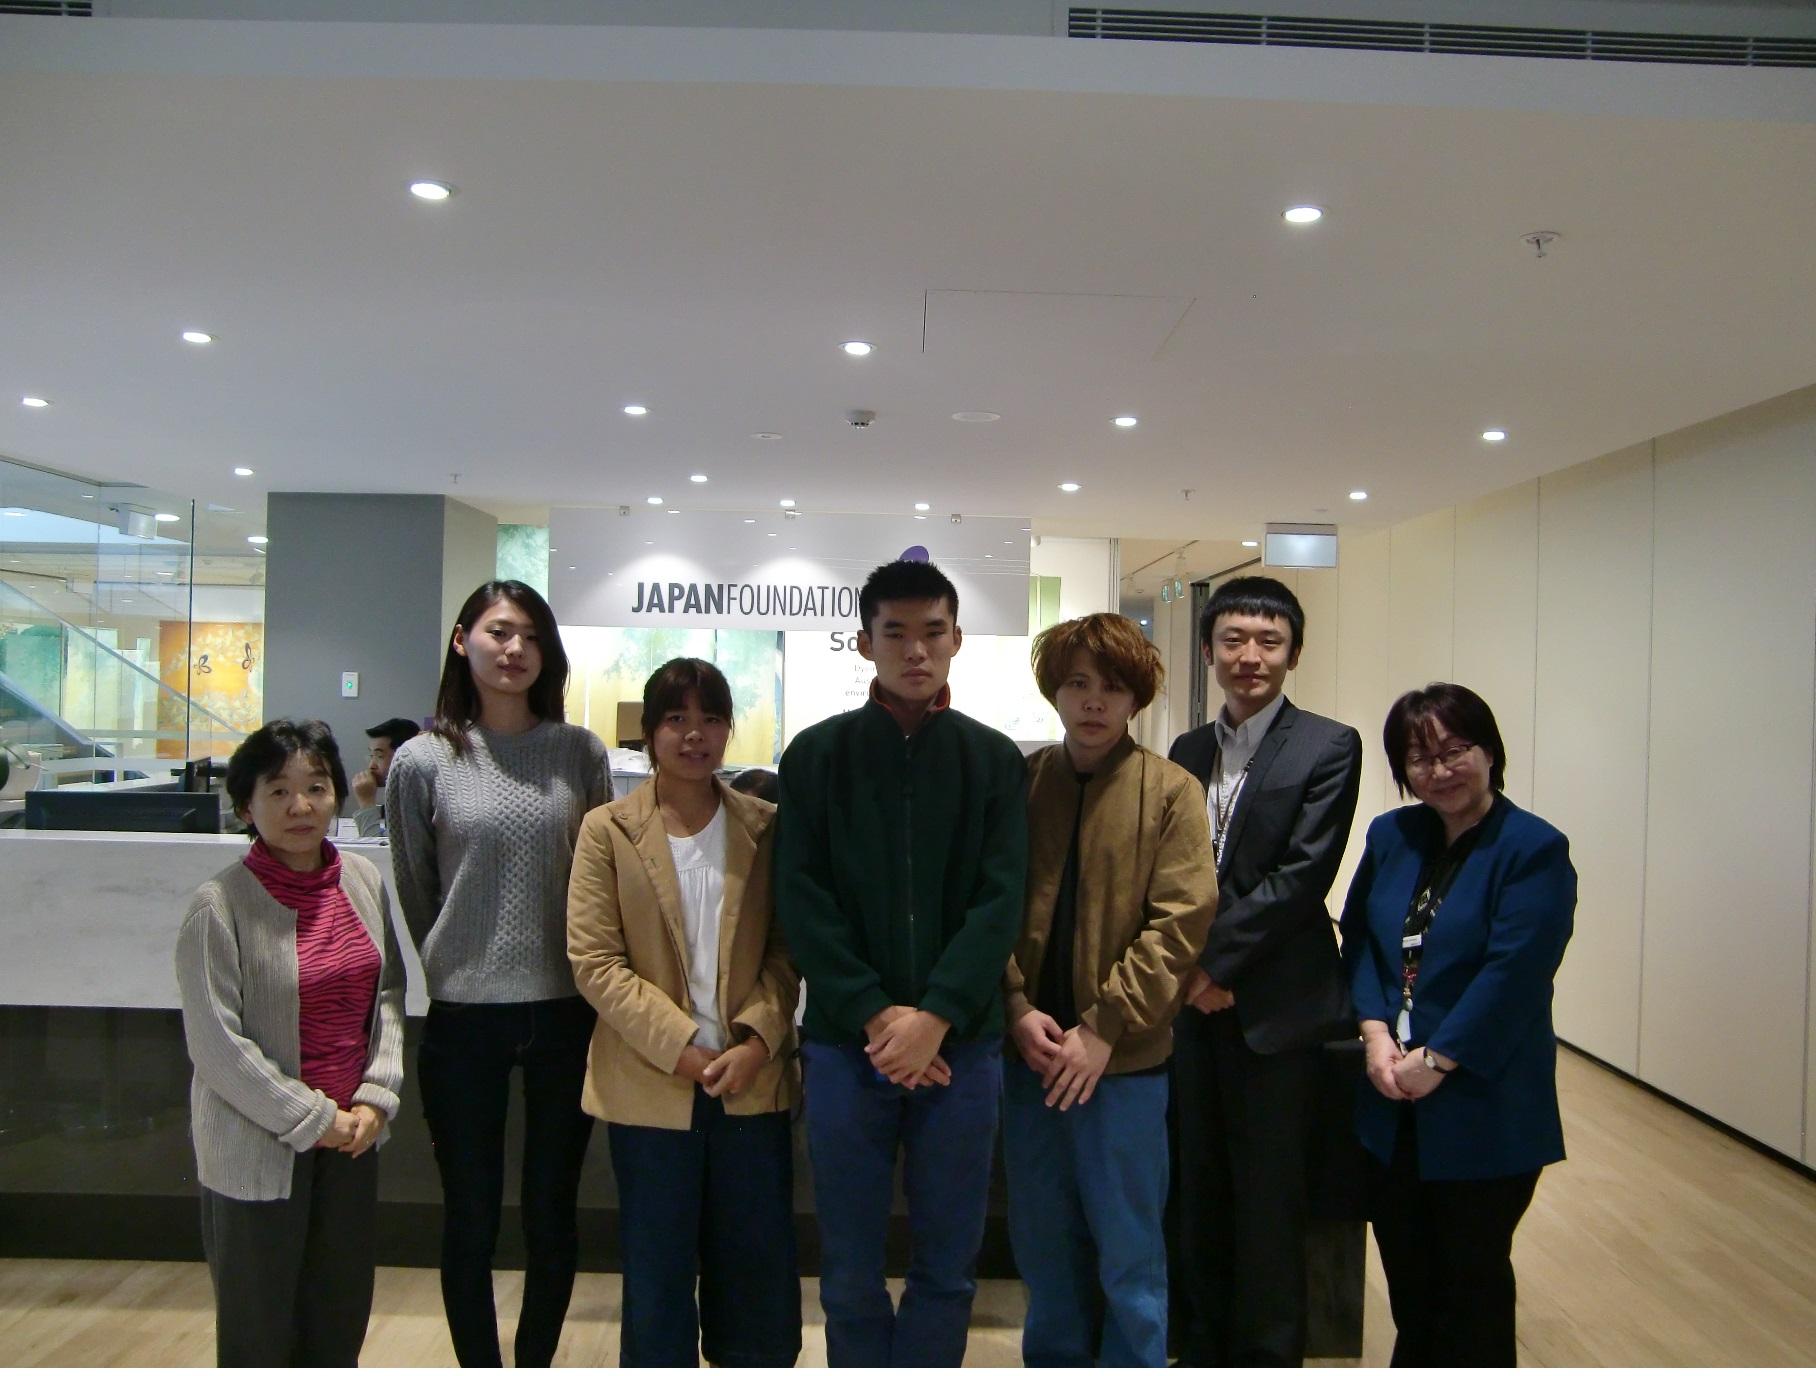 ⑨国際交流基金シドニー日本文化センターも訪問しました。オーストラリアの日本語教育事情について説明していただきました。